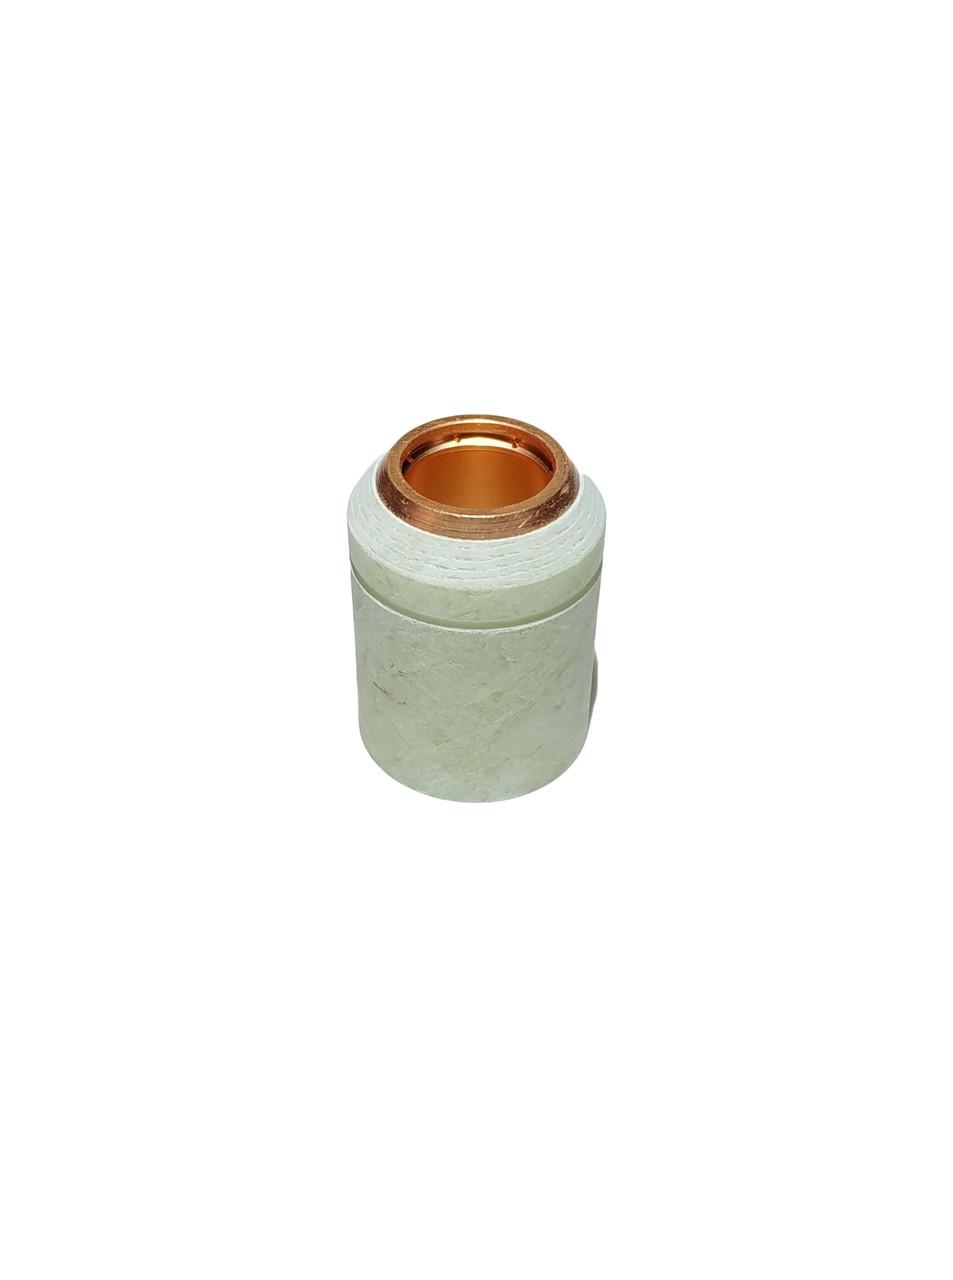 Защитный колпачок для плазмотрона LT-101